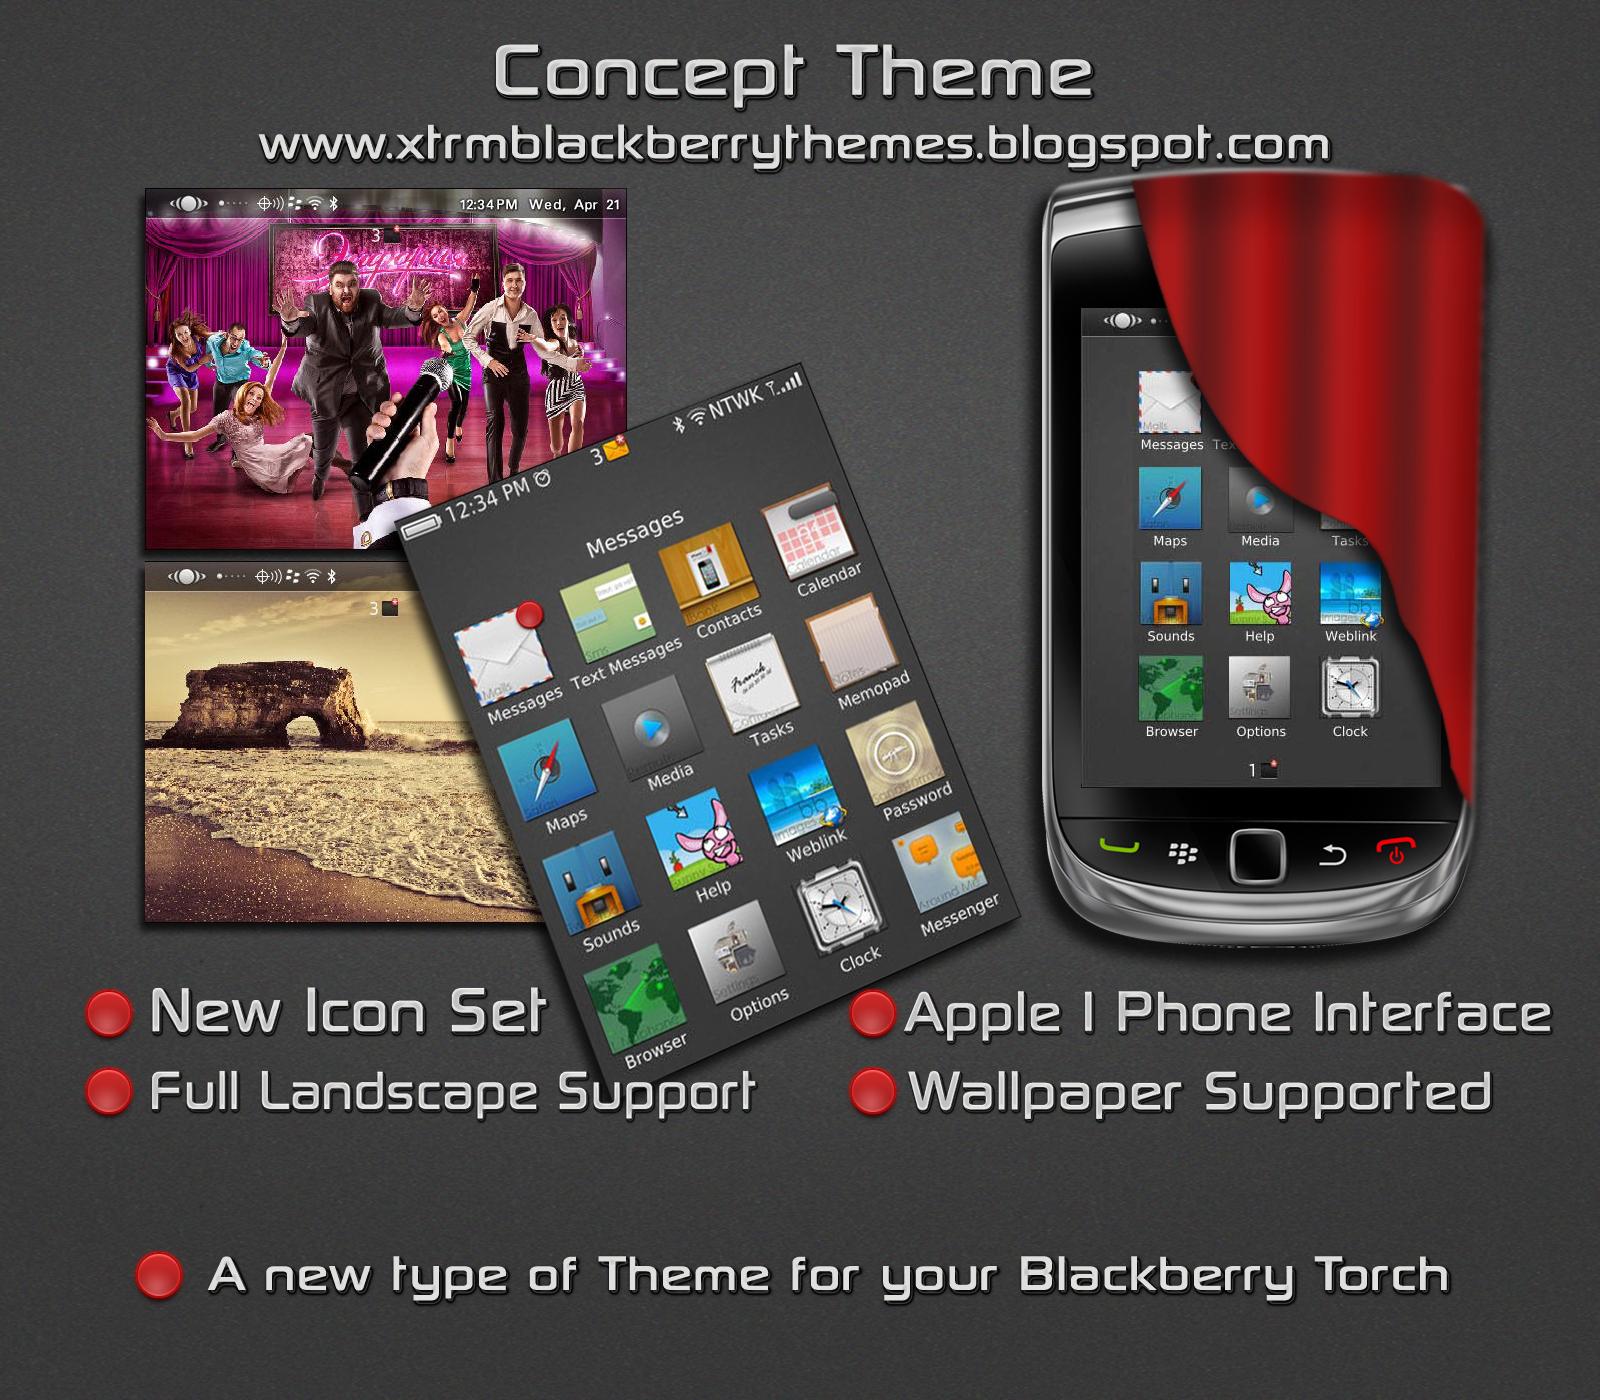 http://2.bp.blogspot.com/-7JKftkzTUu4/Th1oqDN4wWI/AAAAAAAAANc/ylVkEpo5GwU/s1600/Concept+Wallpaper.jpg